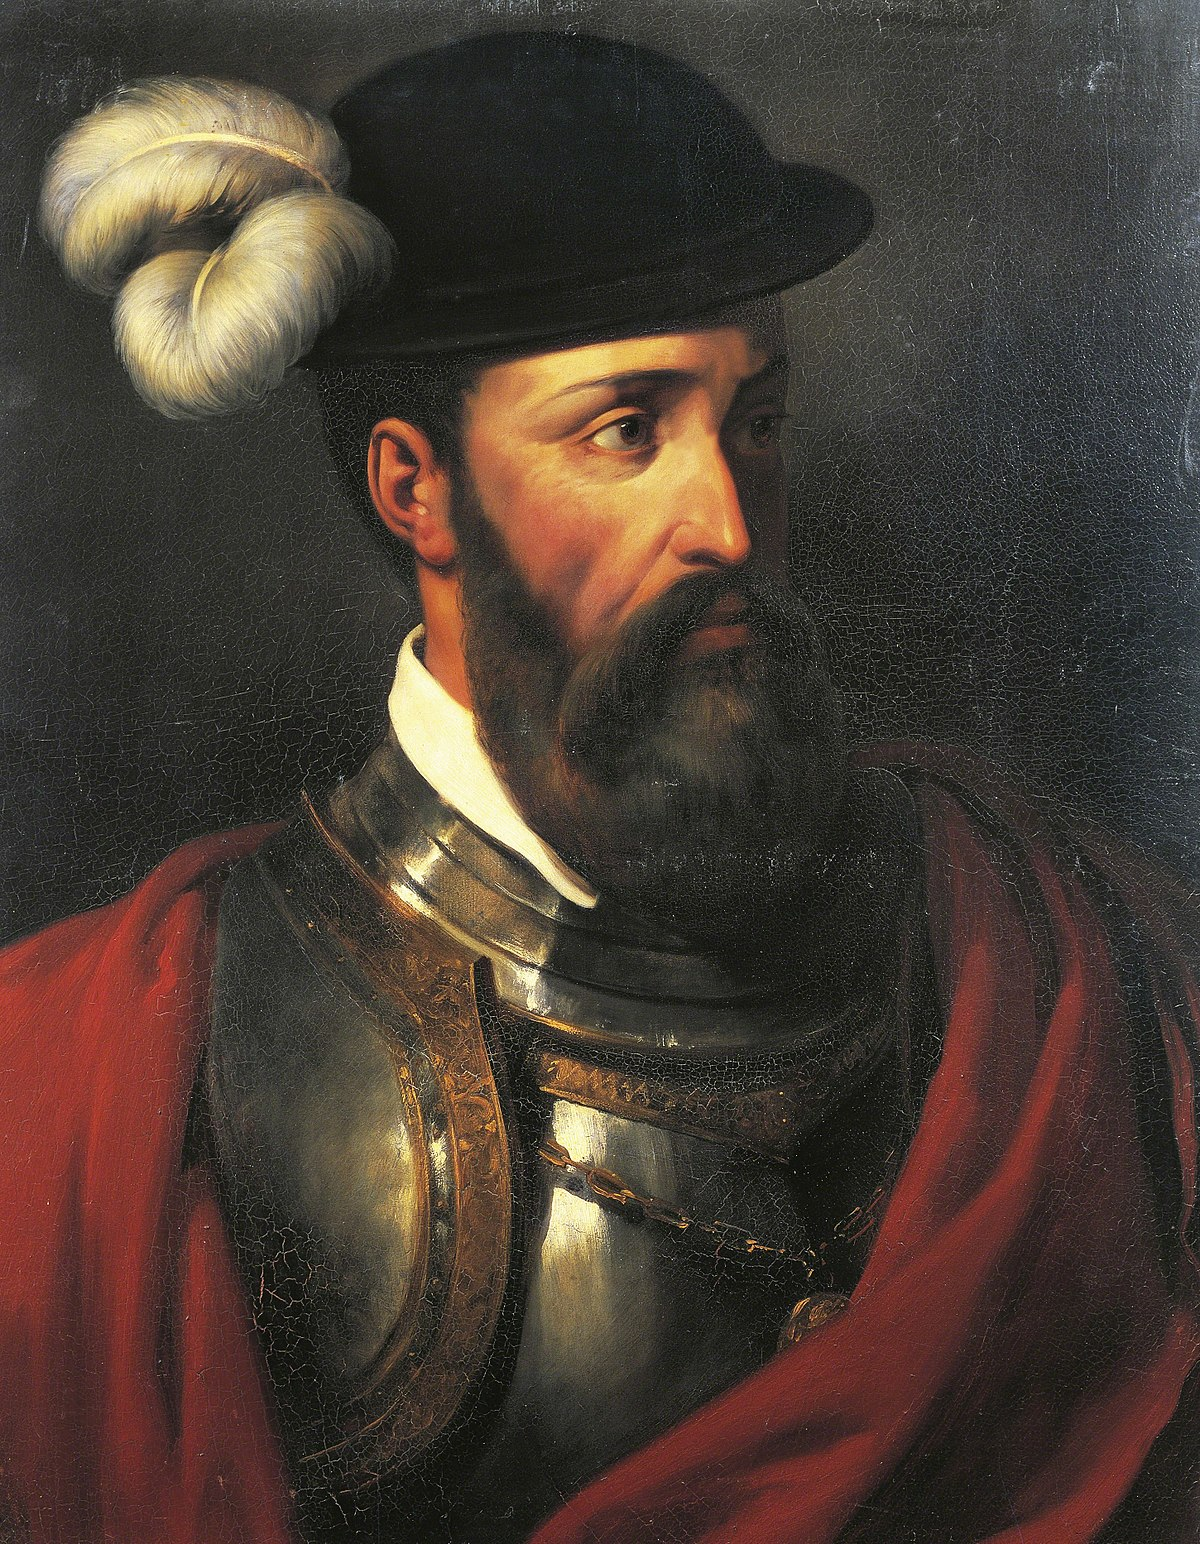 Resultado de imagen de Francisco Pizarro